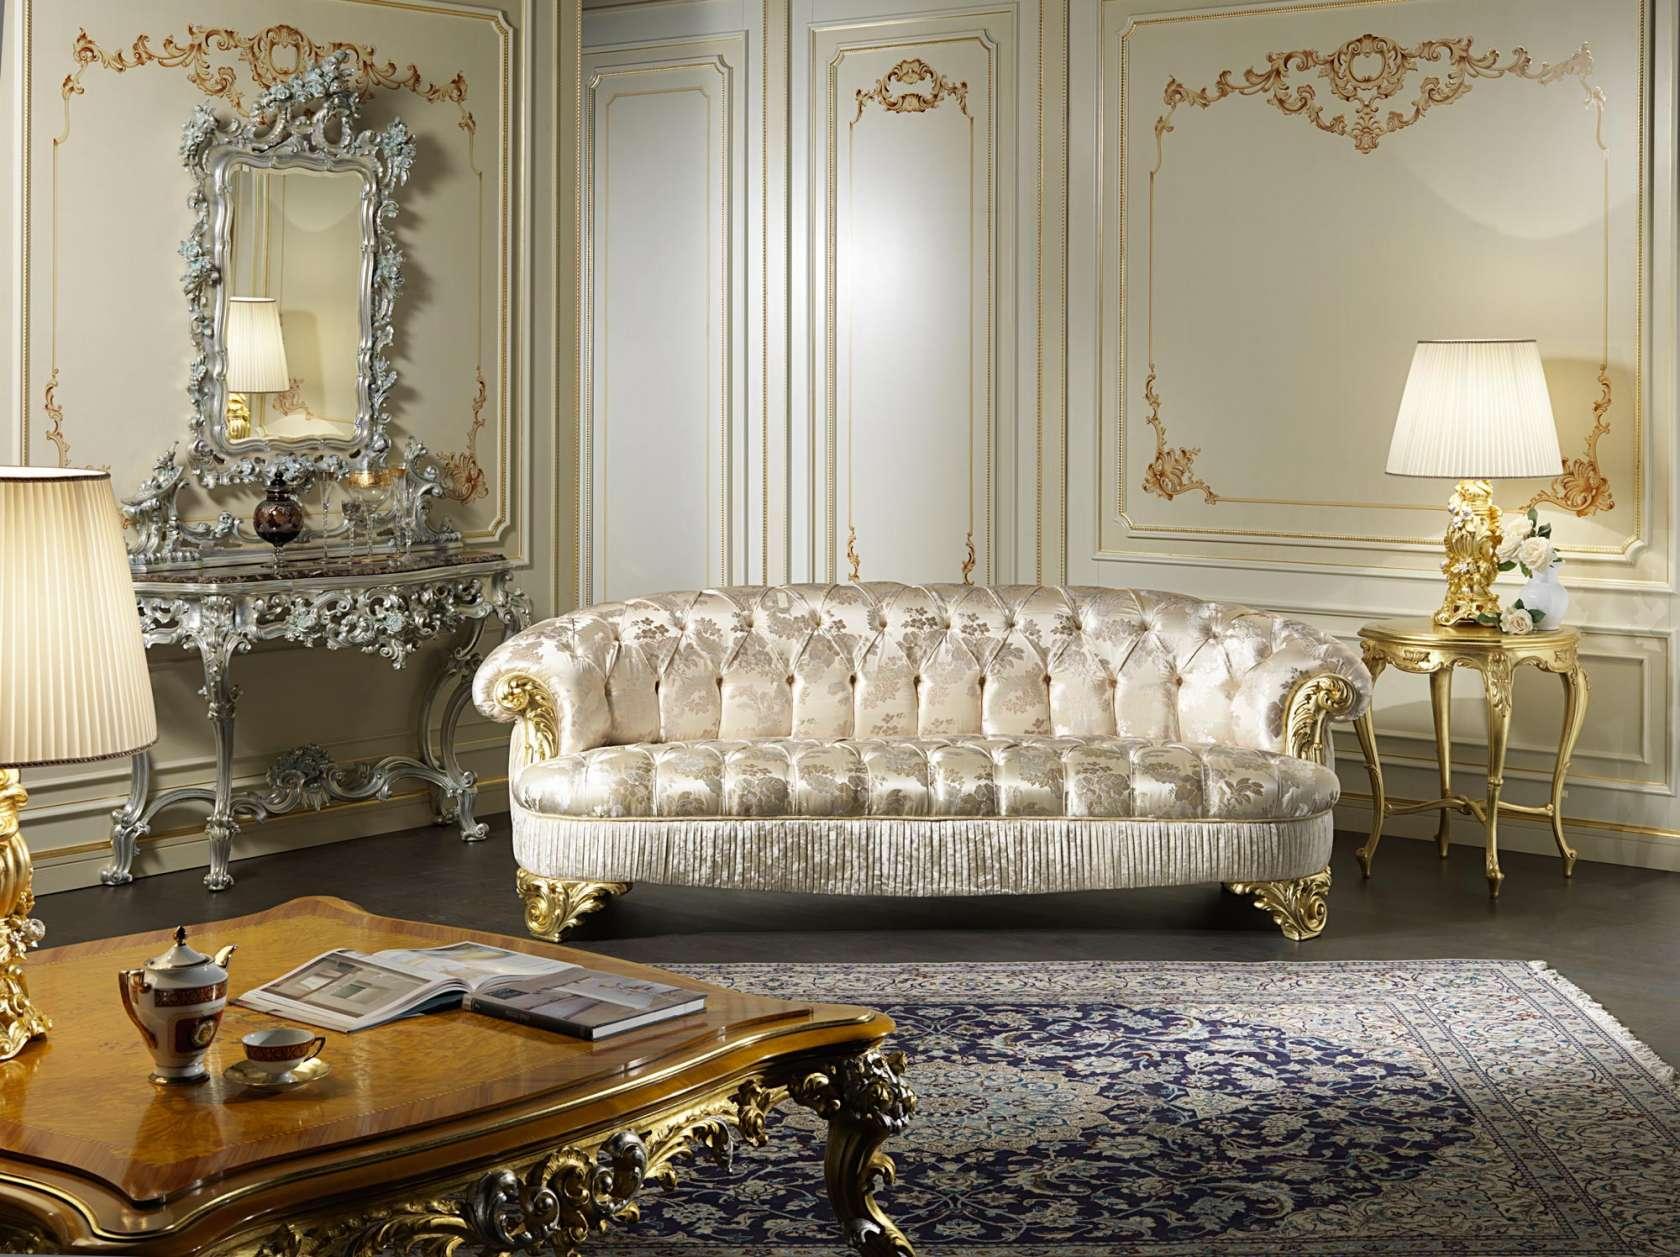 Divano Salotto.Divano Salotto Classico Parigi Vimercati Meda